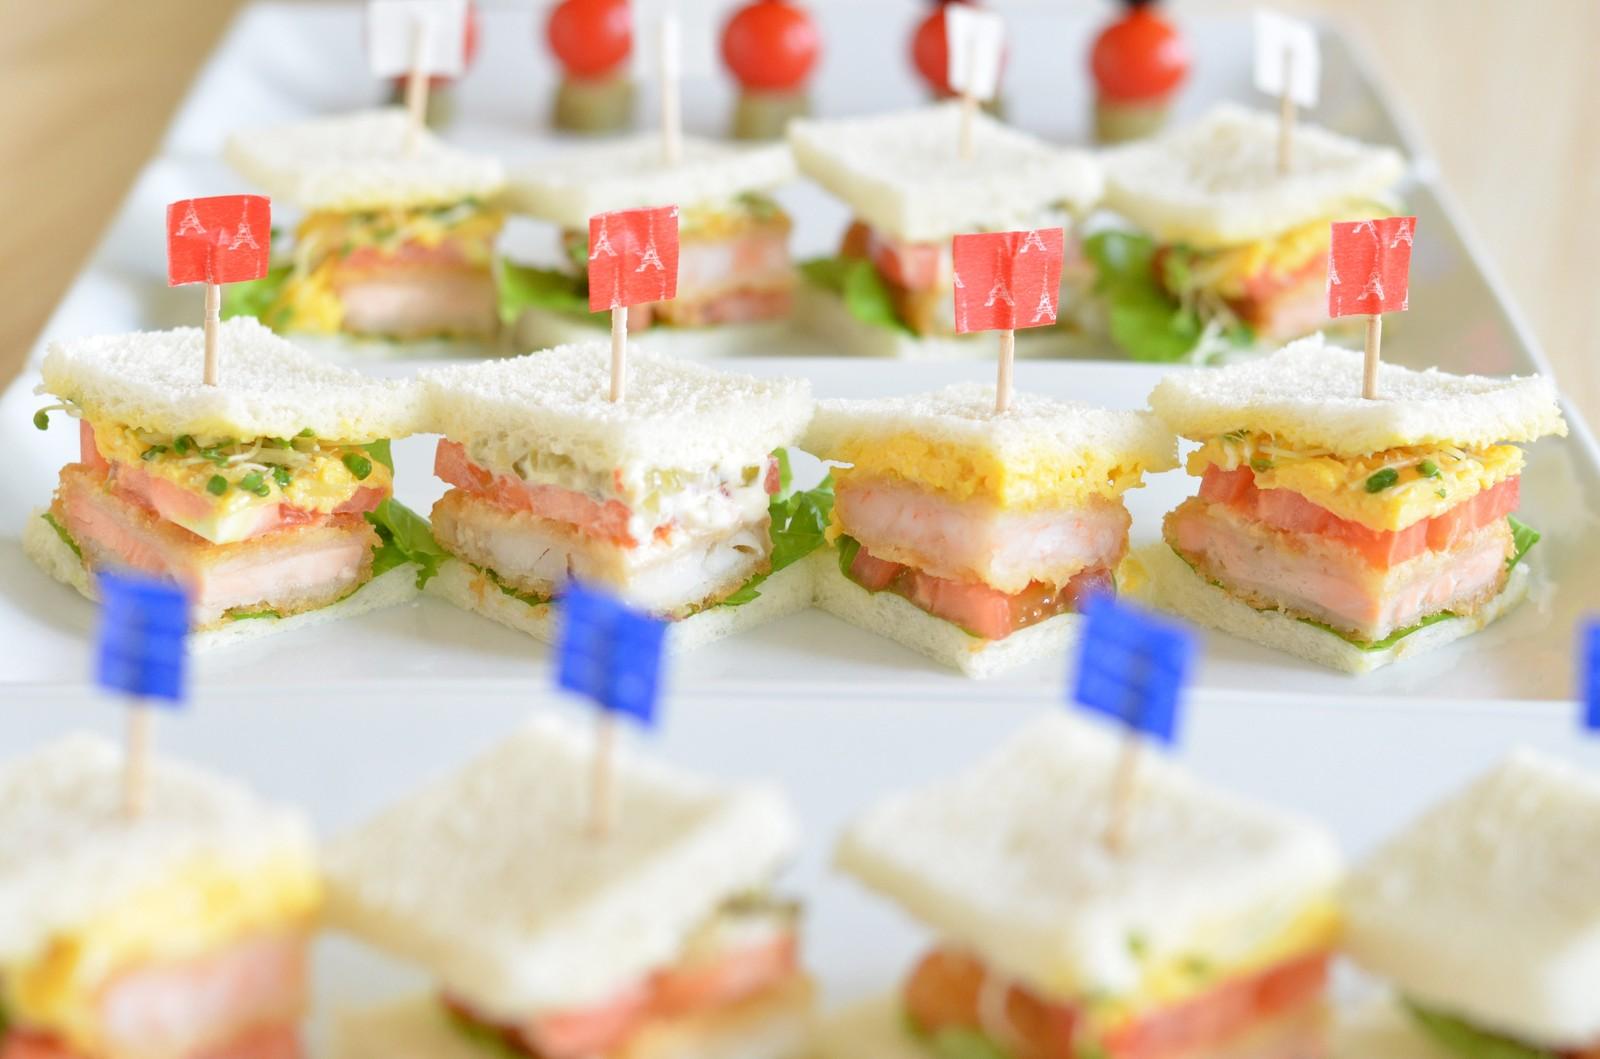 野田のサンドイッチ専門店といえば「スズムラ」!人気メニューを徹底調査!